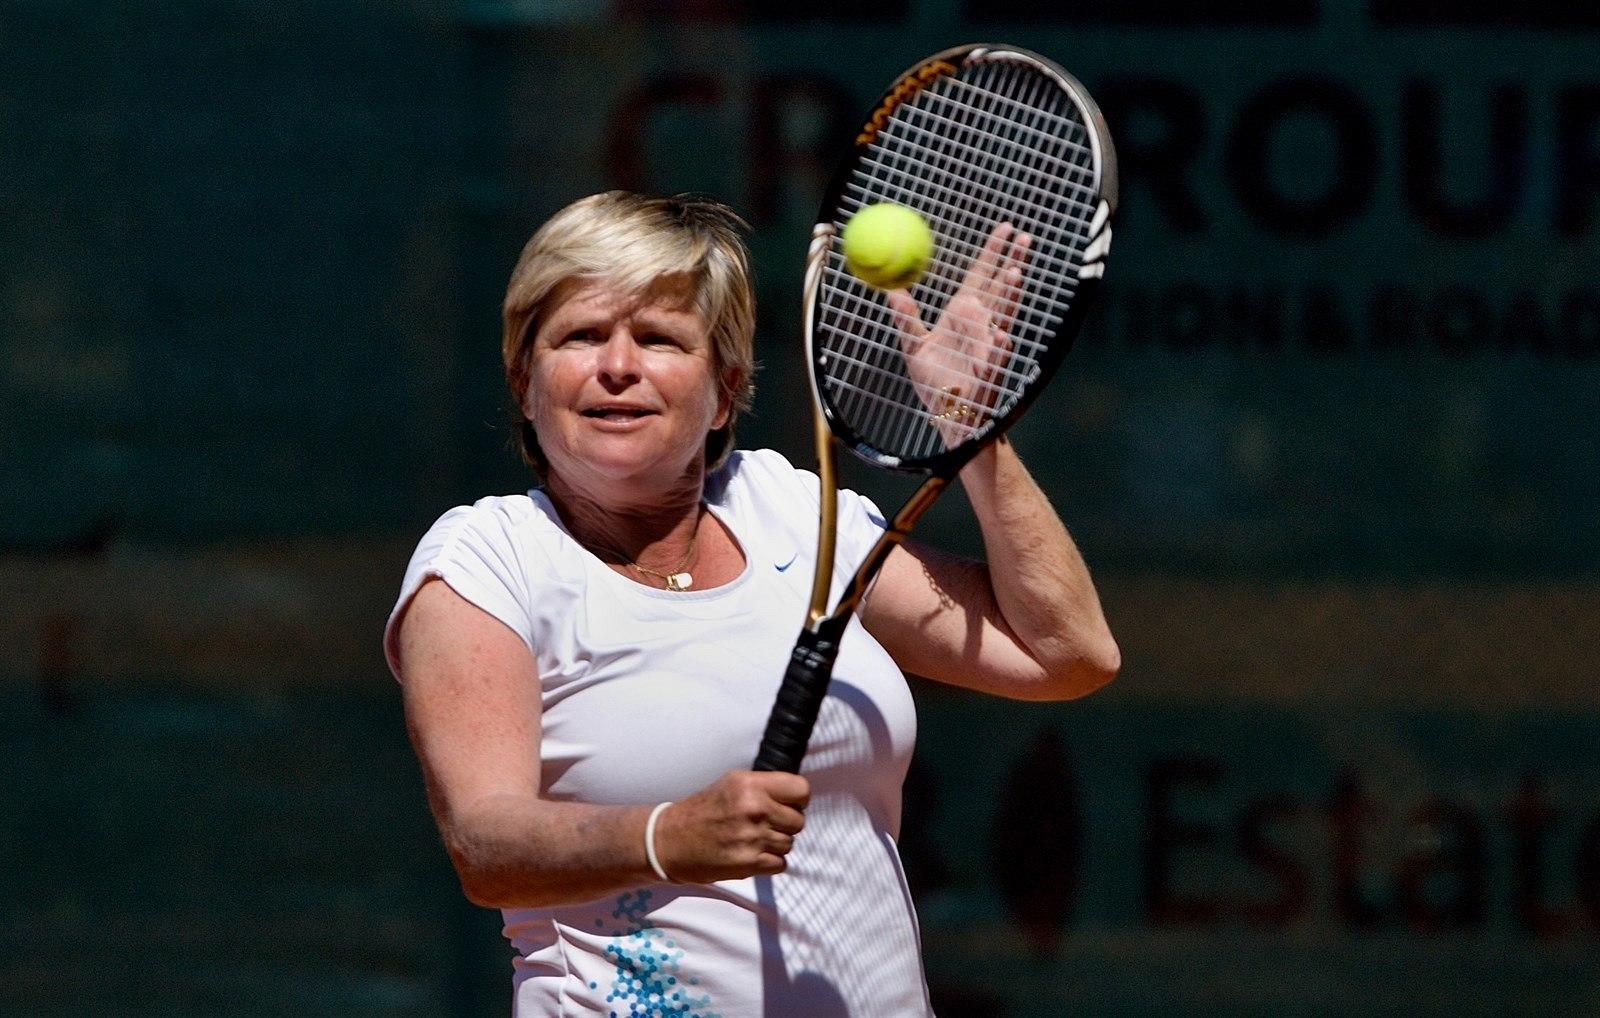 Fotogalerie Legendárn tenistka Hana Mandlková na exhibici ve